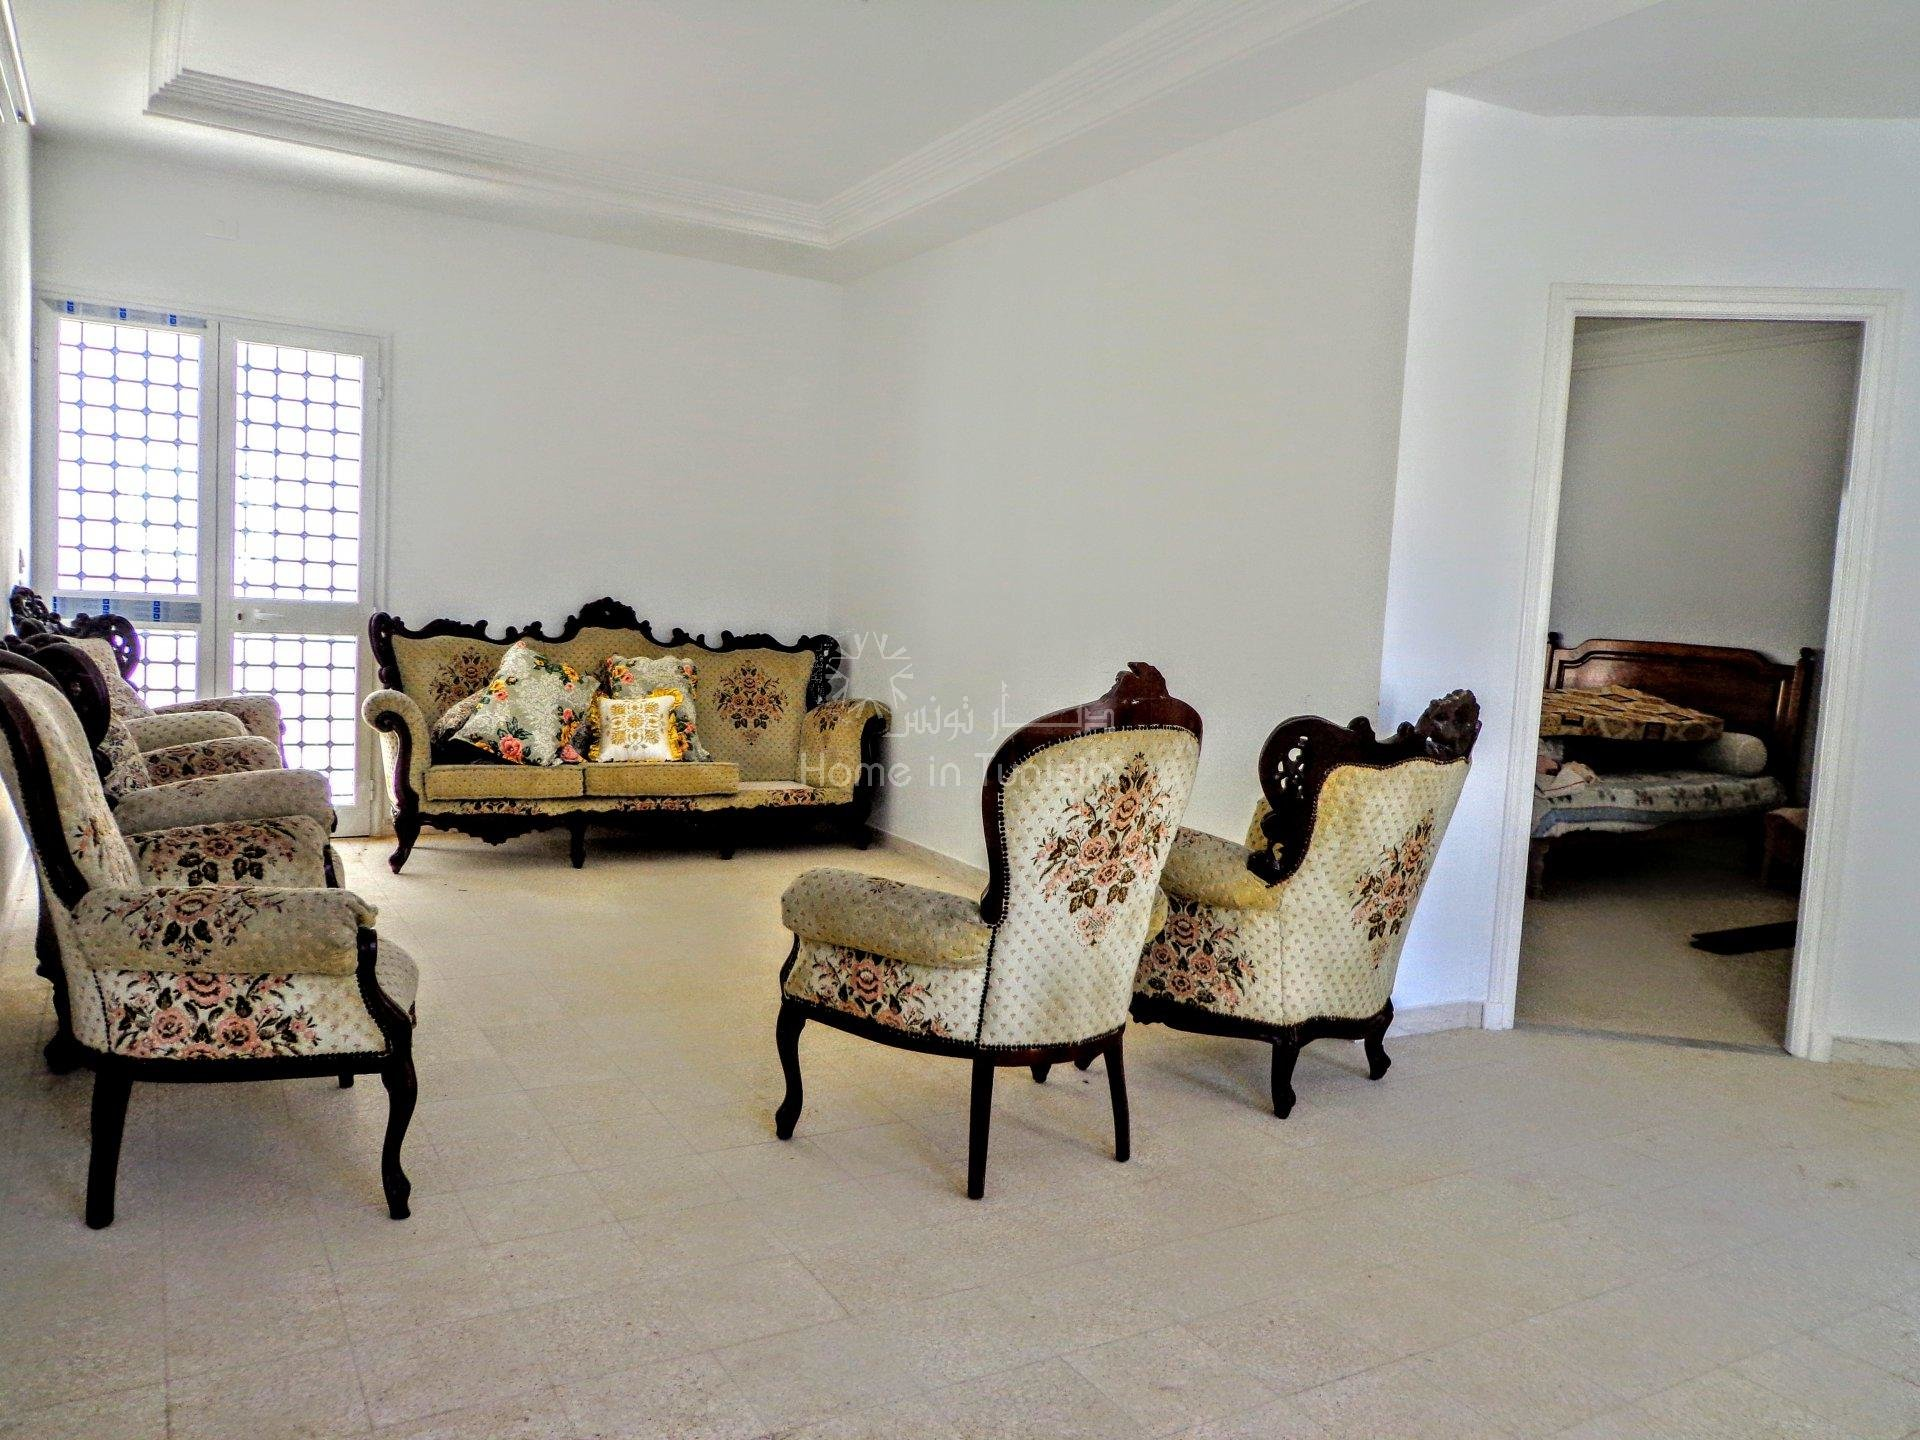 Huur Huis - Beni Khiar - Tunesië